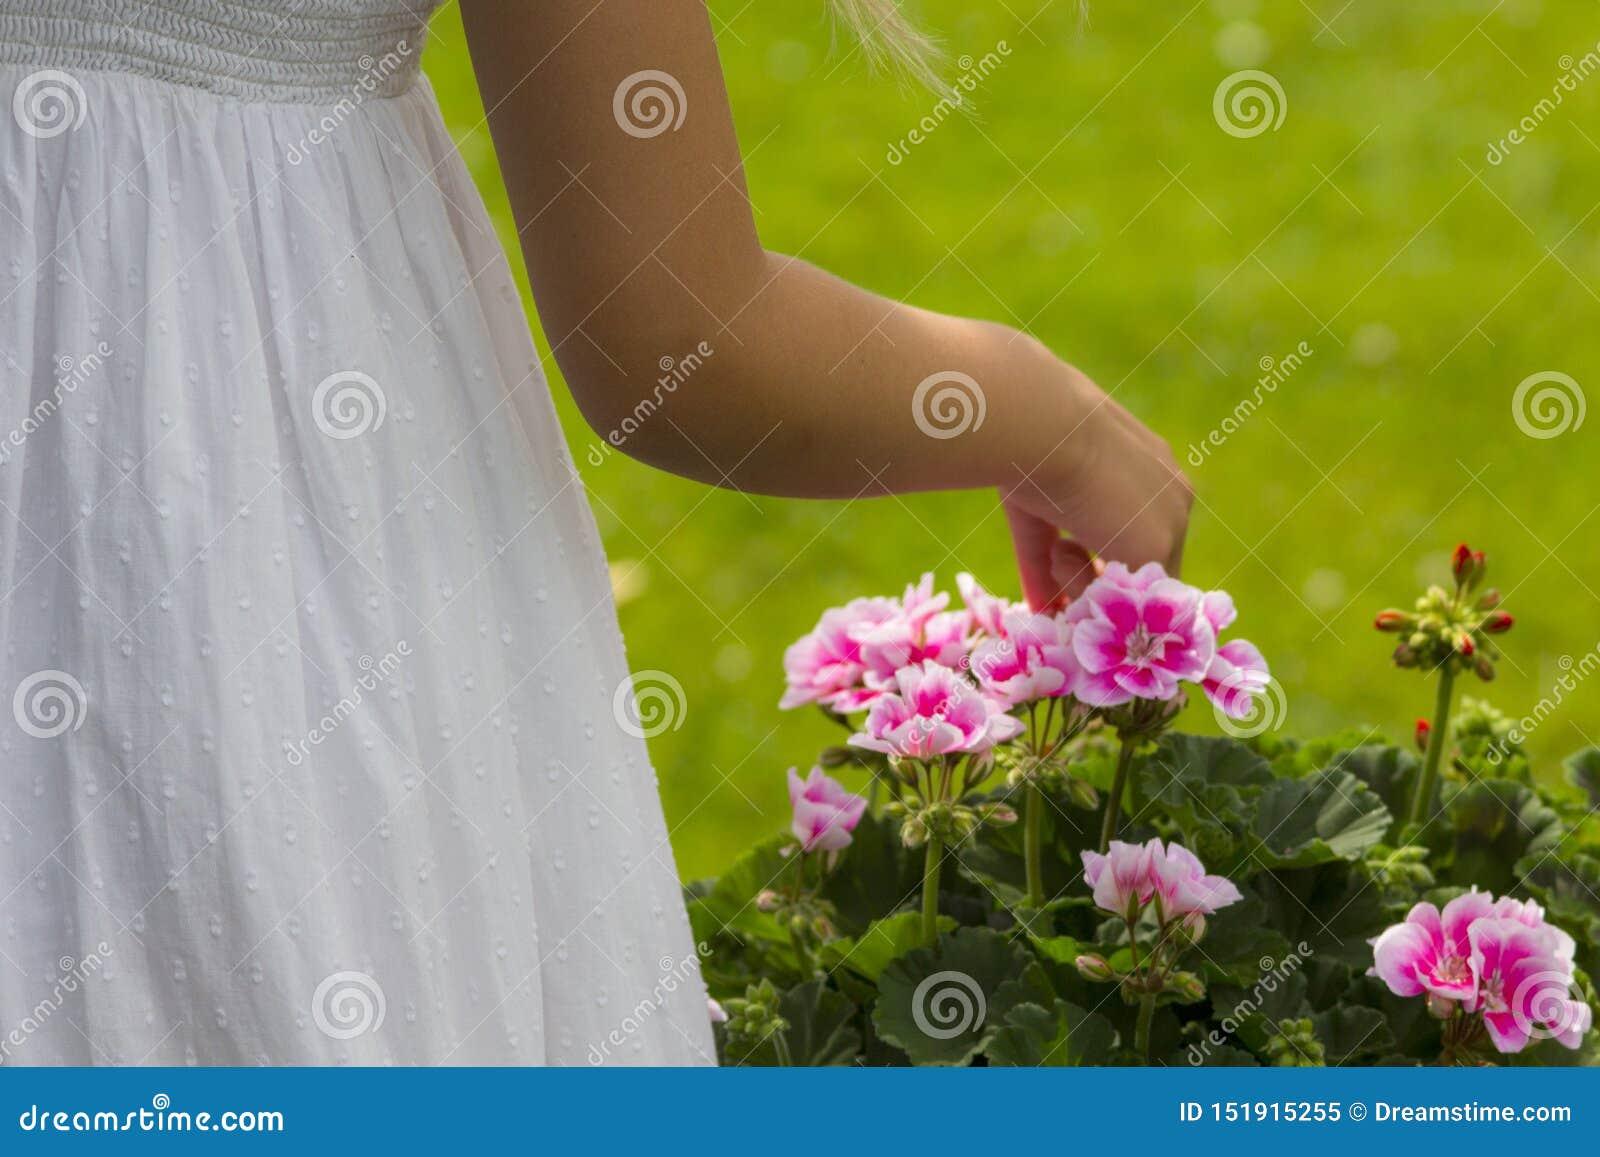 Fille dans une robe sélectionnant des fleurs